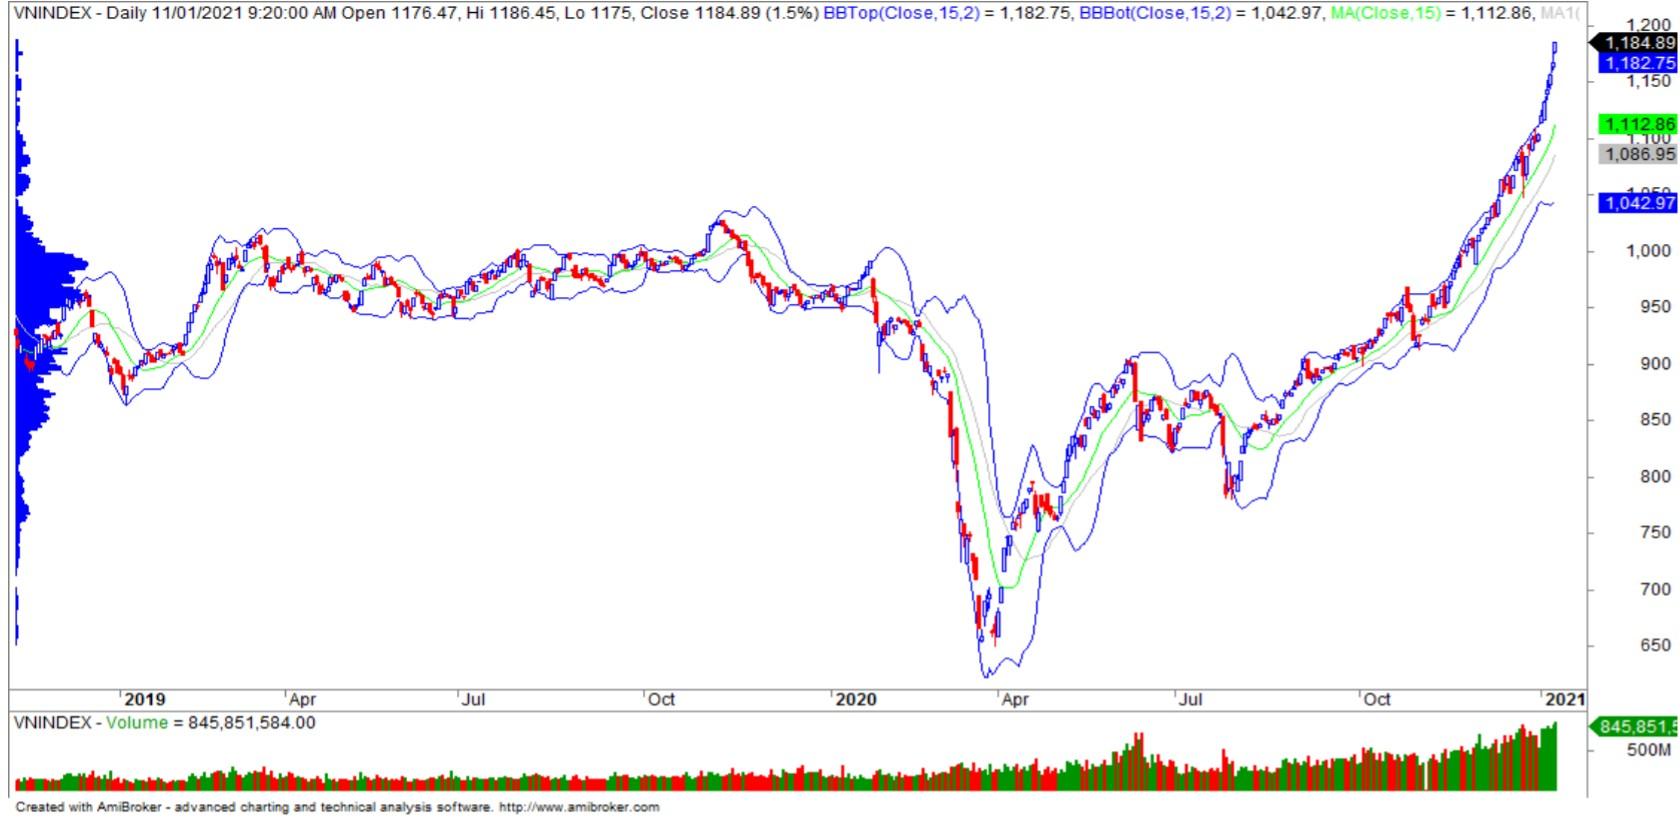 Nhận định thị trường chứng khoán ngày 12/1: Hướng đến vùng đỉnh lịch sử 1.200 - 1.220 điểm - Ảnh 1.